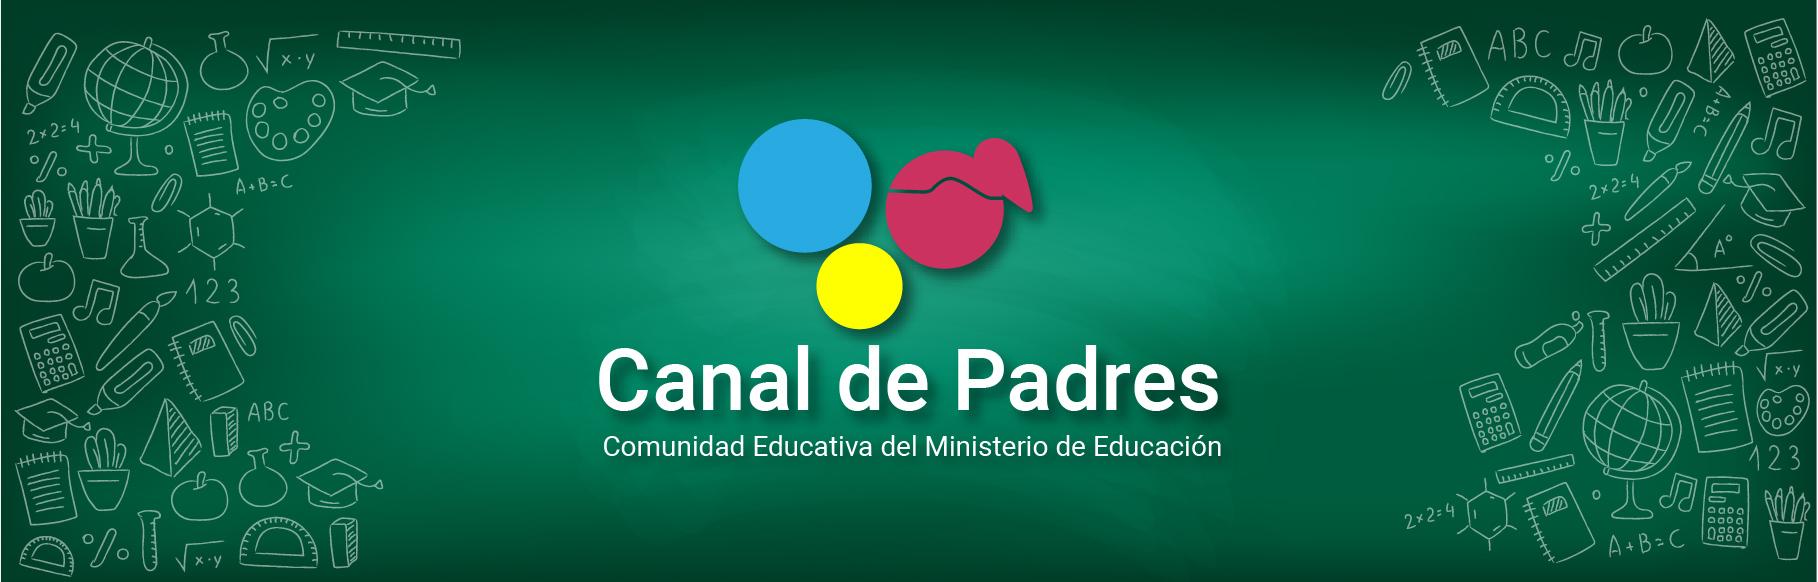 Canal de Padres. Comunidad Educativa MINERD